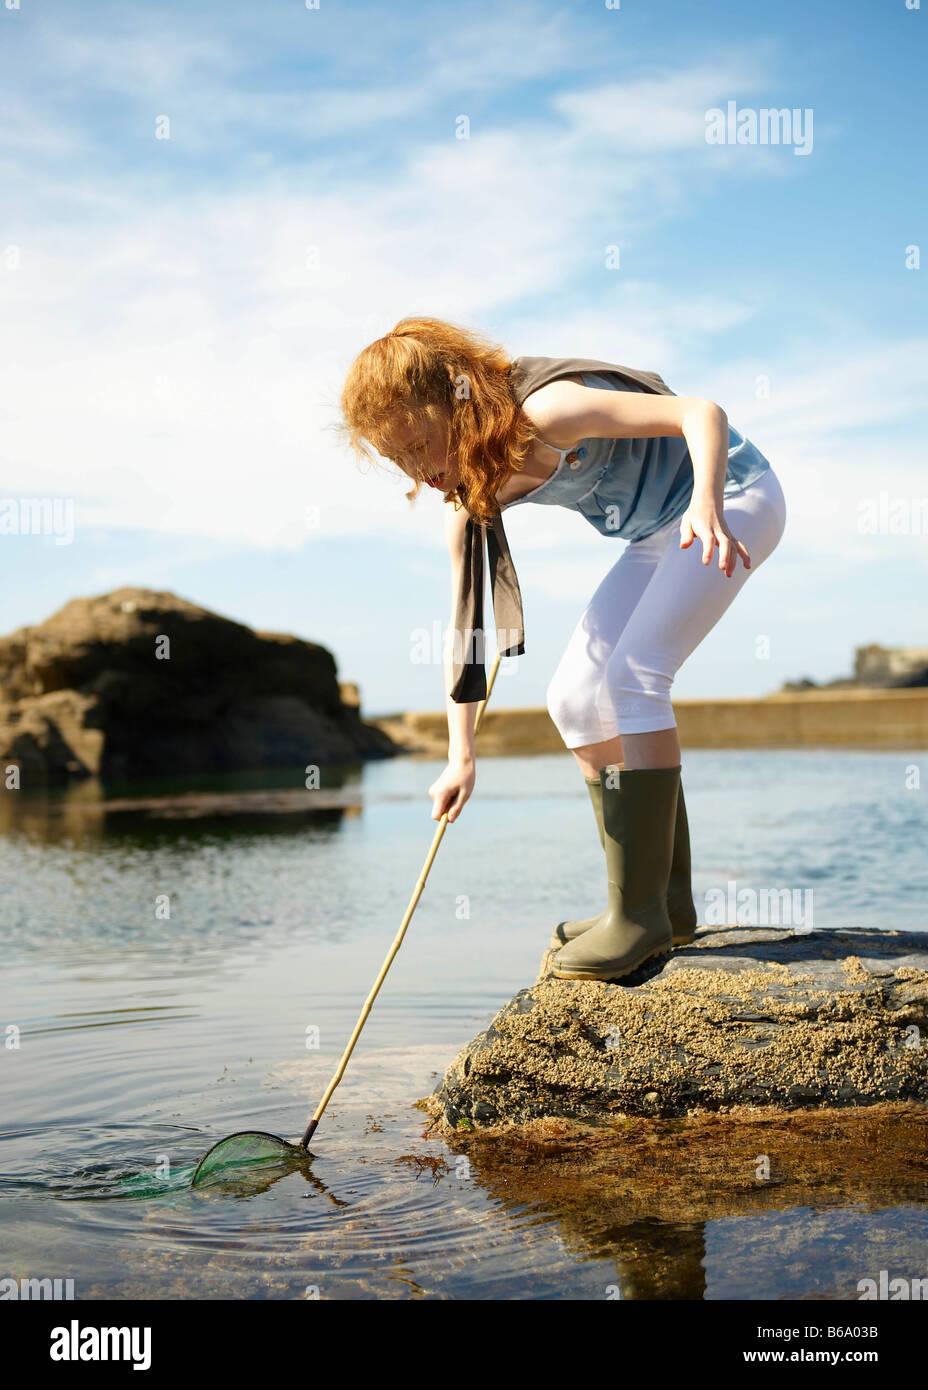 Ragazza giovane con attività di pesca in rock pool Immagini Stock